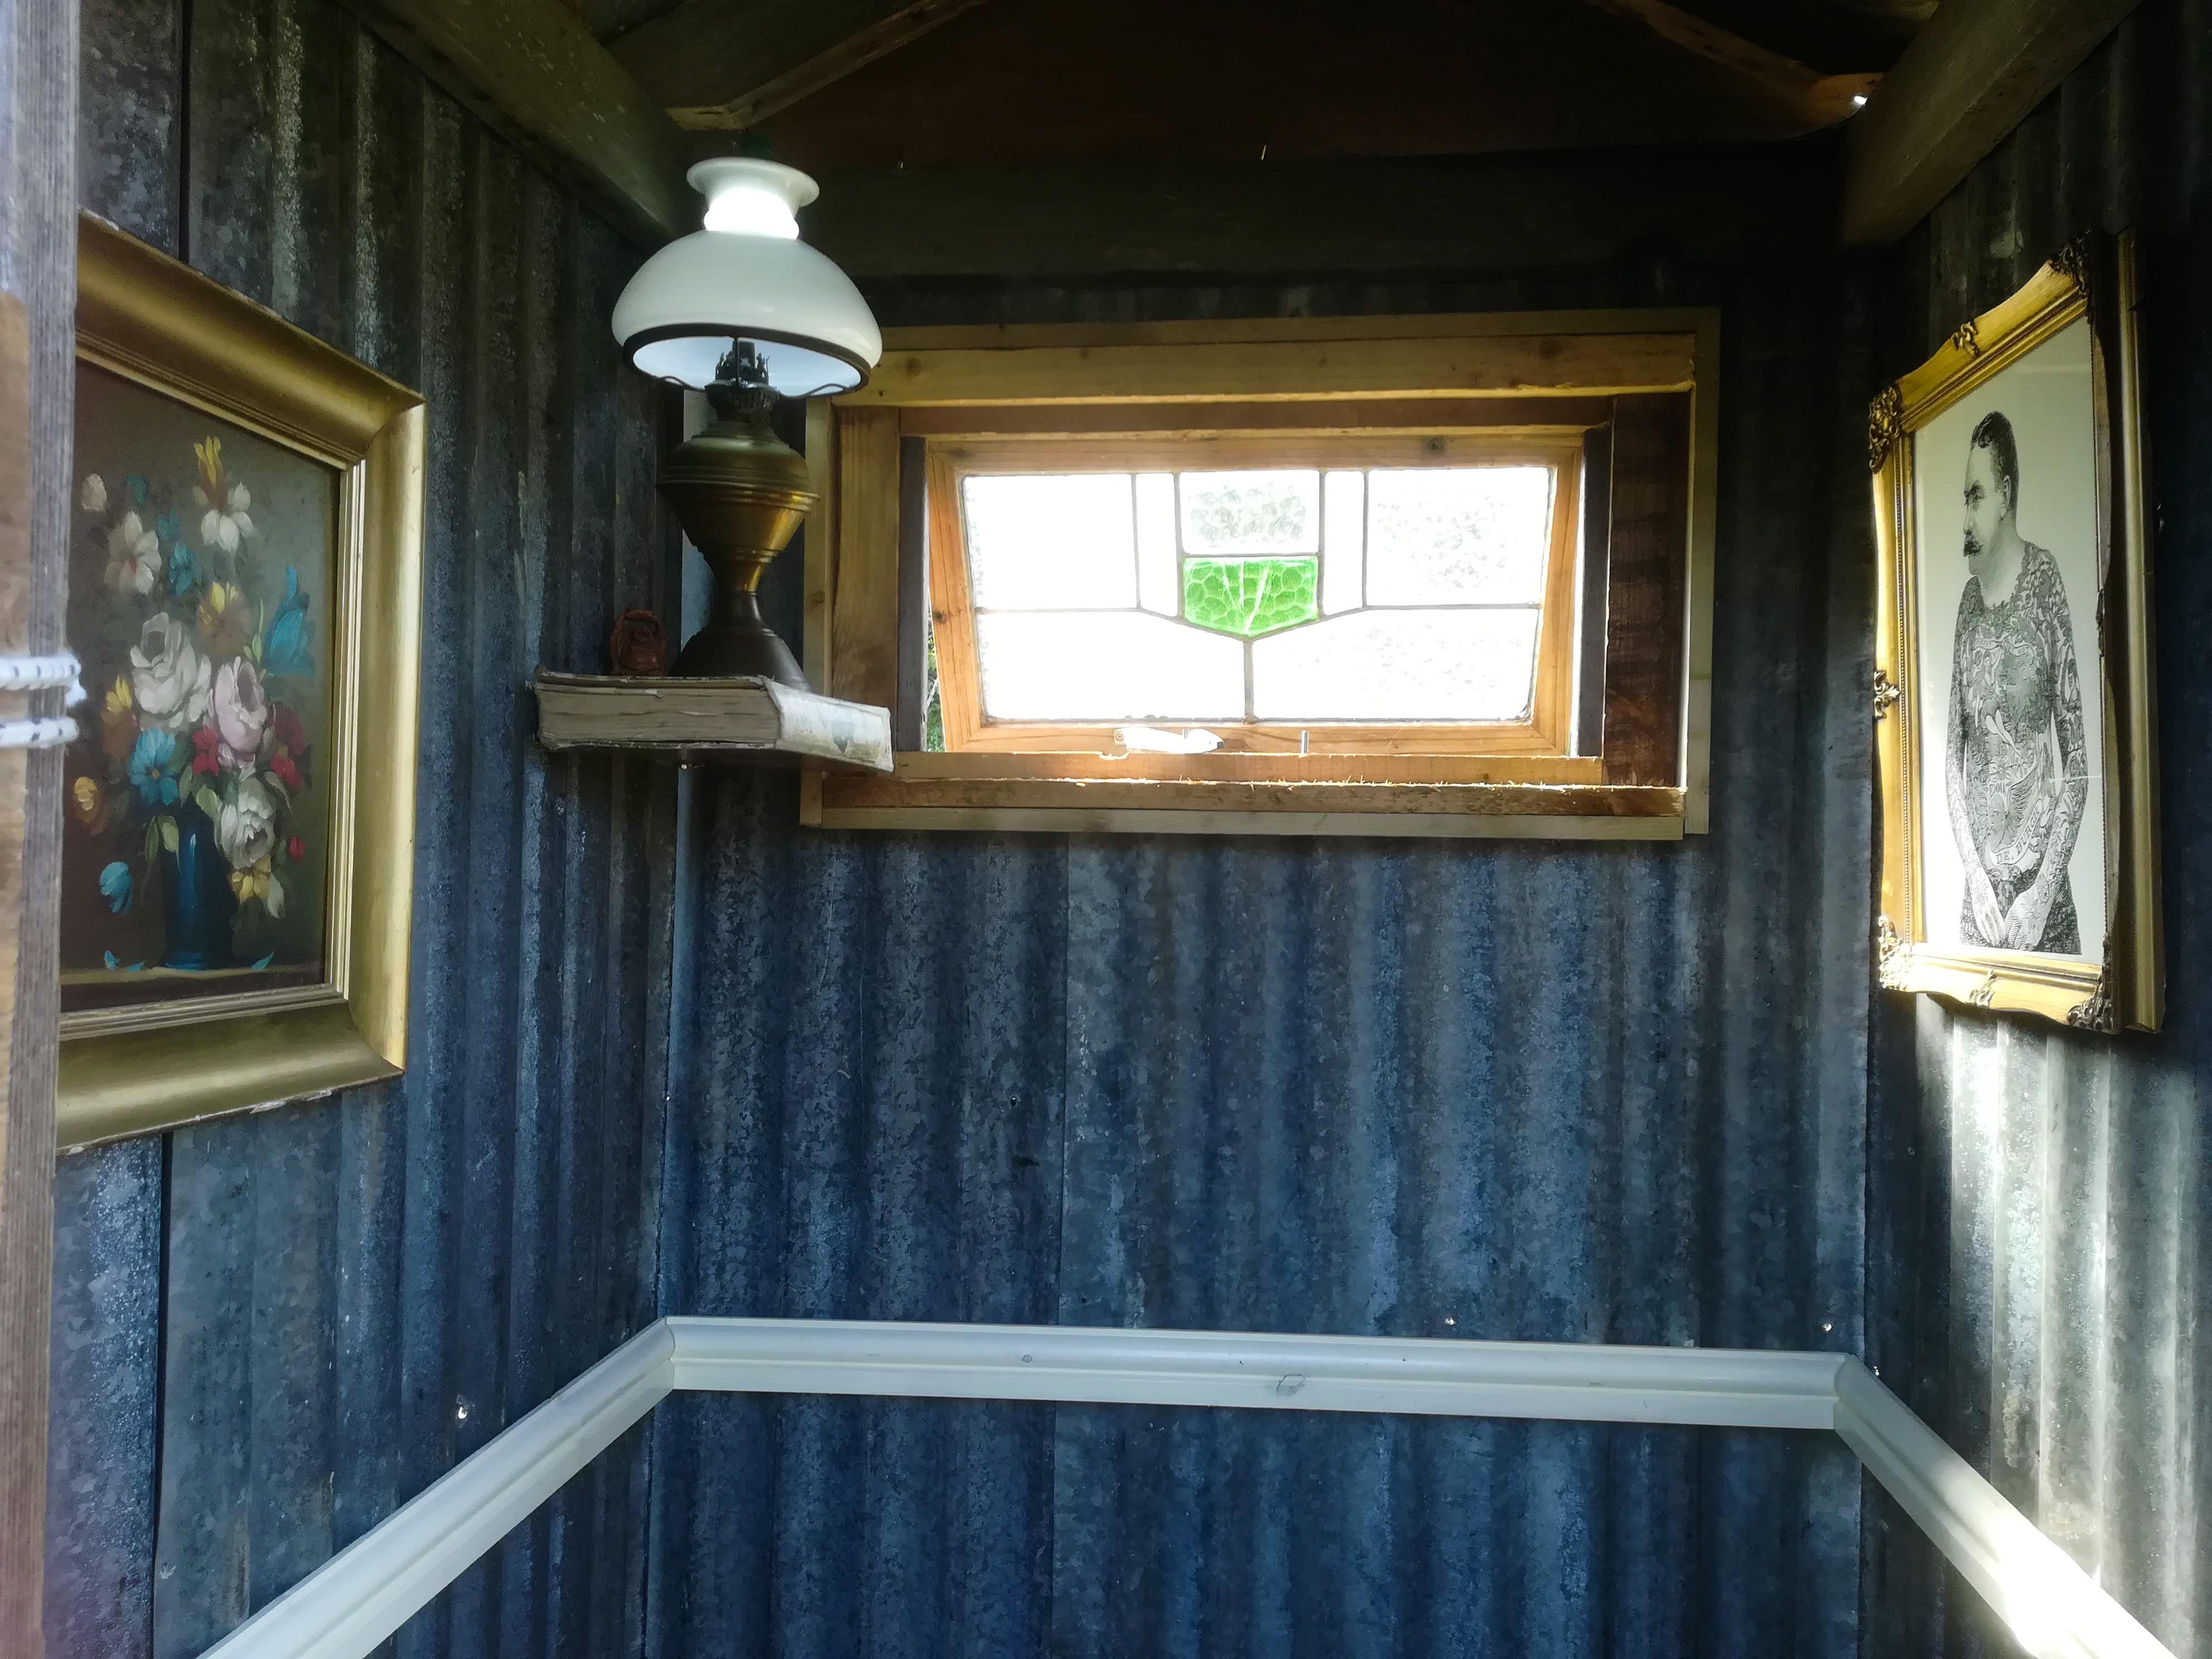 The bathroom window in Northern Skies composting toilet